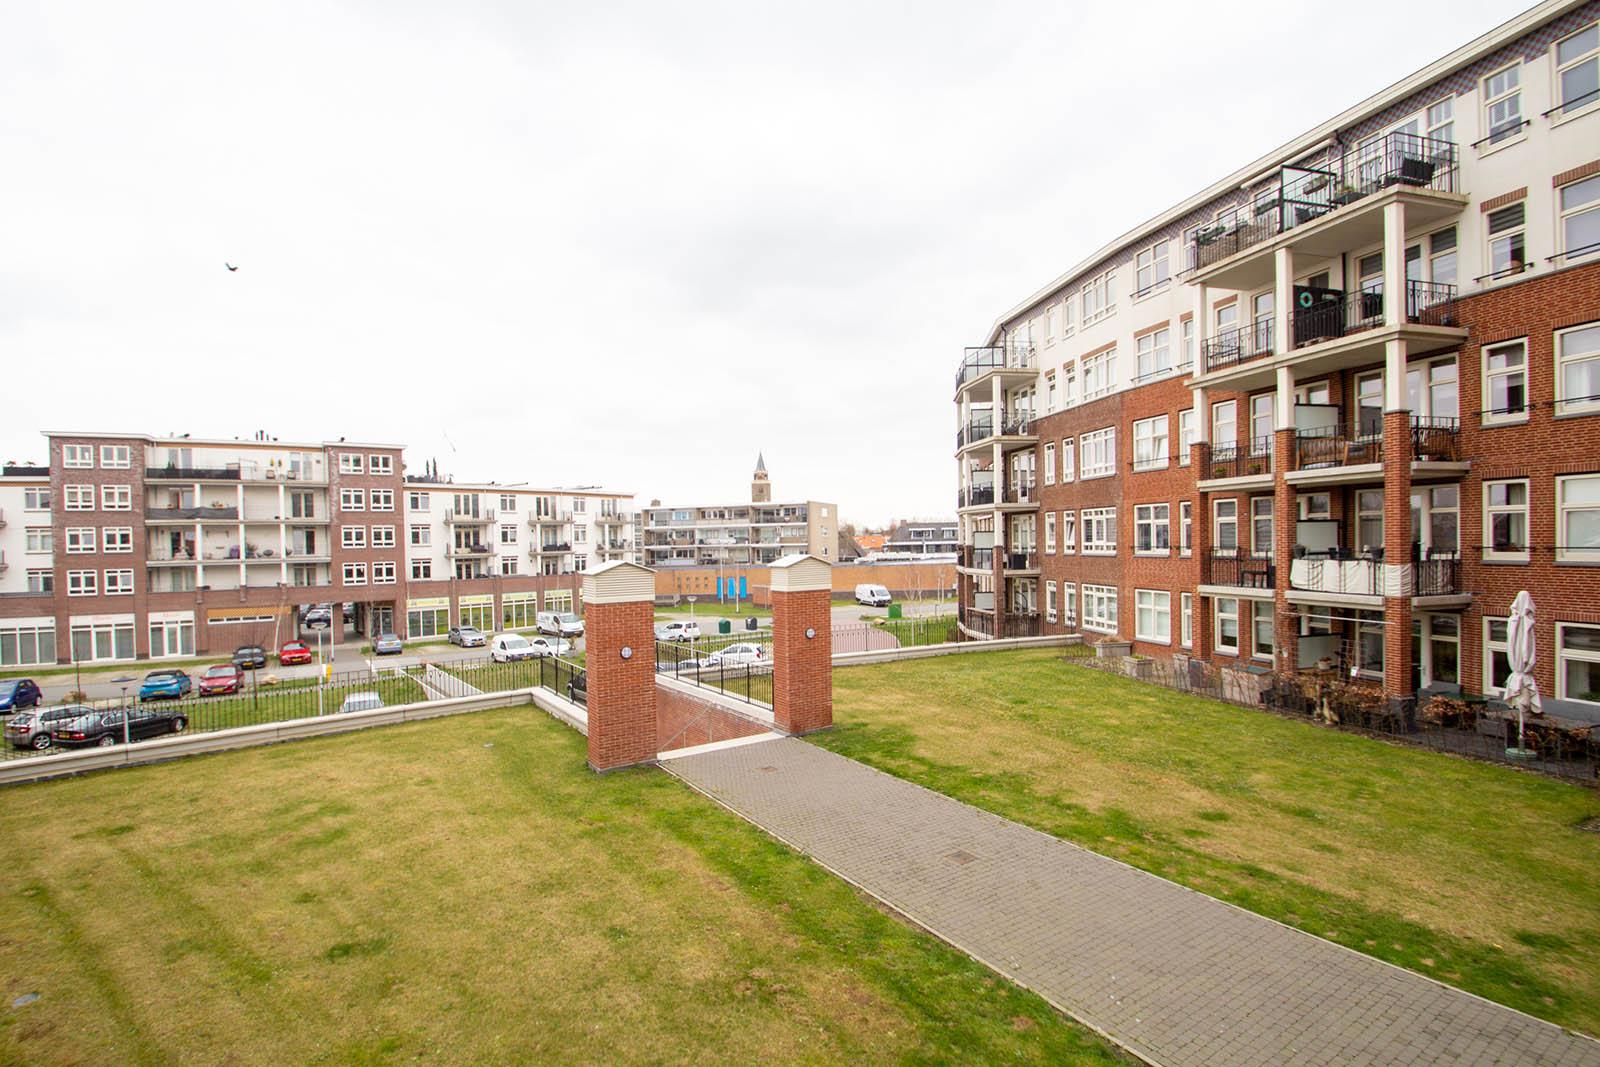 de-klok-420-wonen-in-rijnsburg-uitzicht